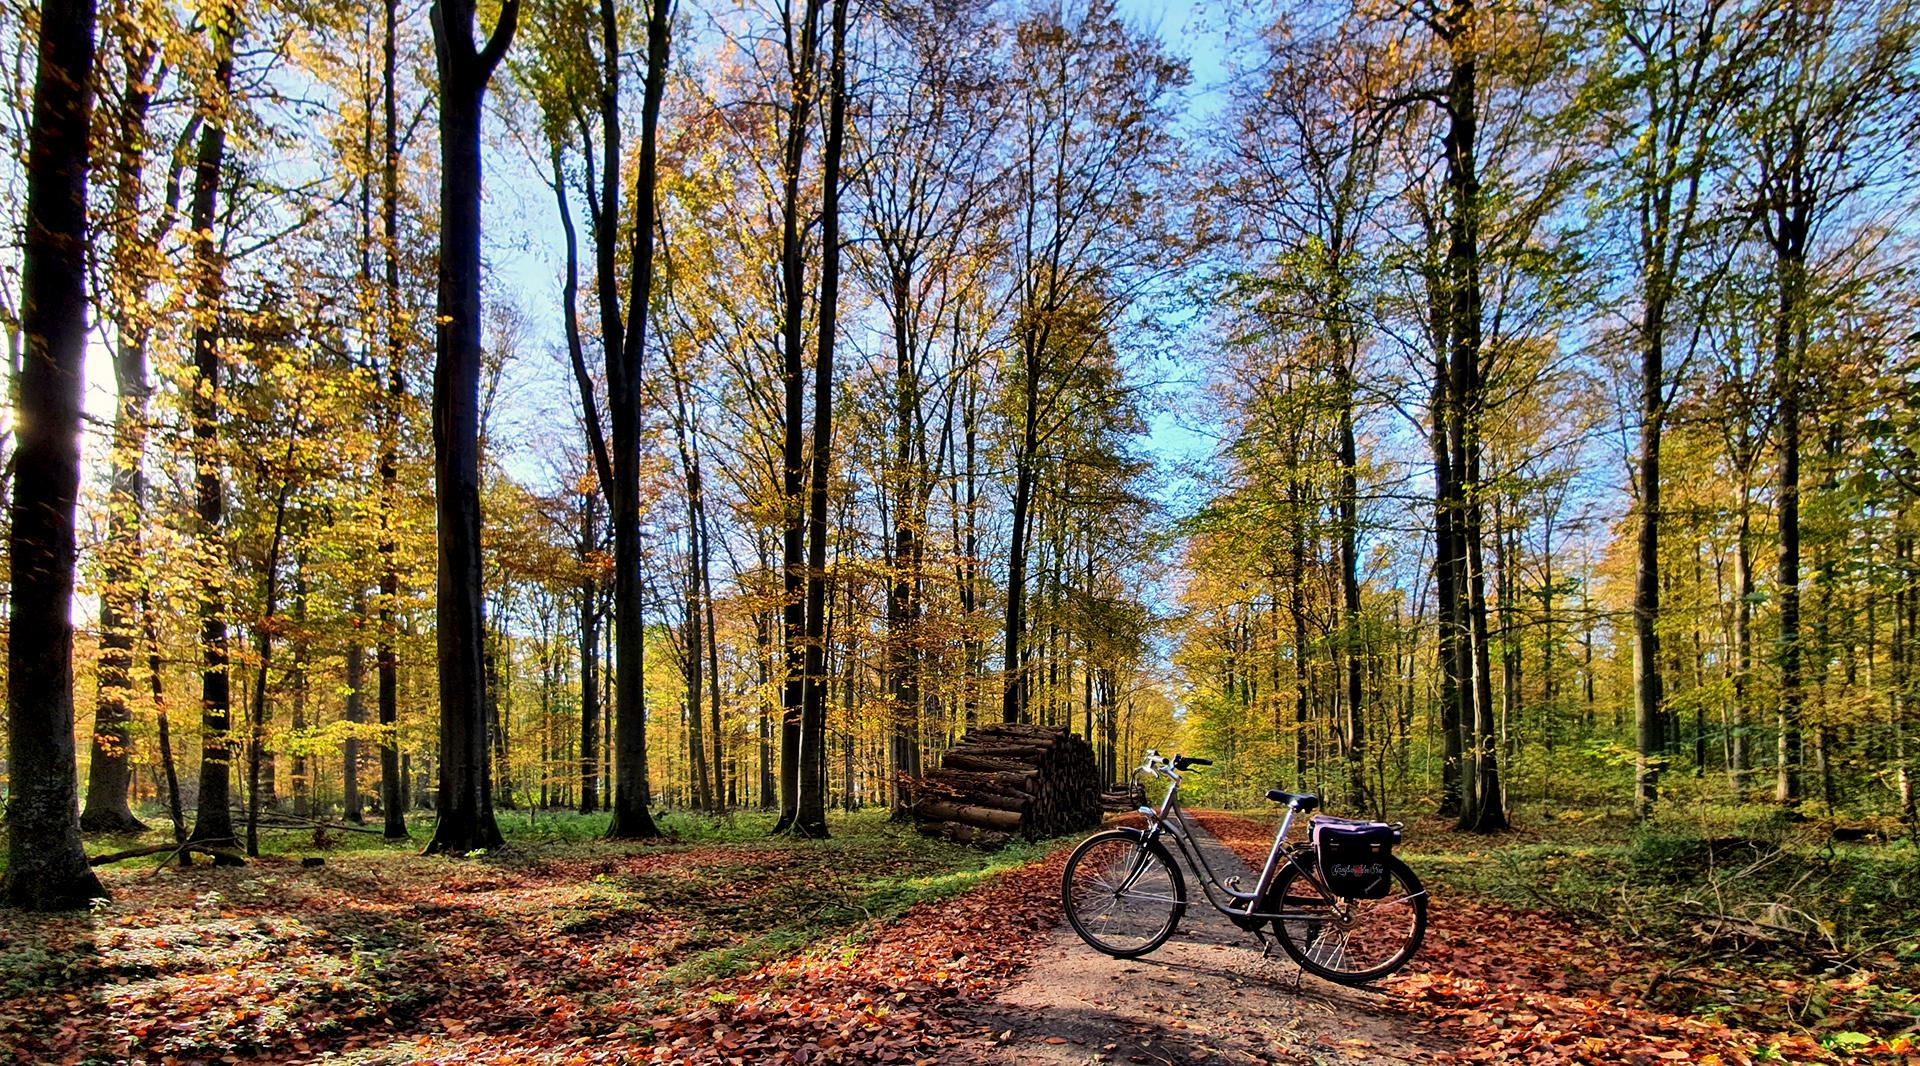 Herrliches Herbstwetter im Elisenhain, Naturschutzgebiet Eldena,  Wald im Südosten der Hansestadt Greifswald in Mecklenburg-Vorpommern